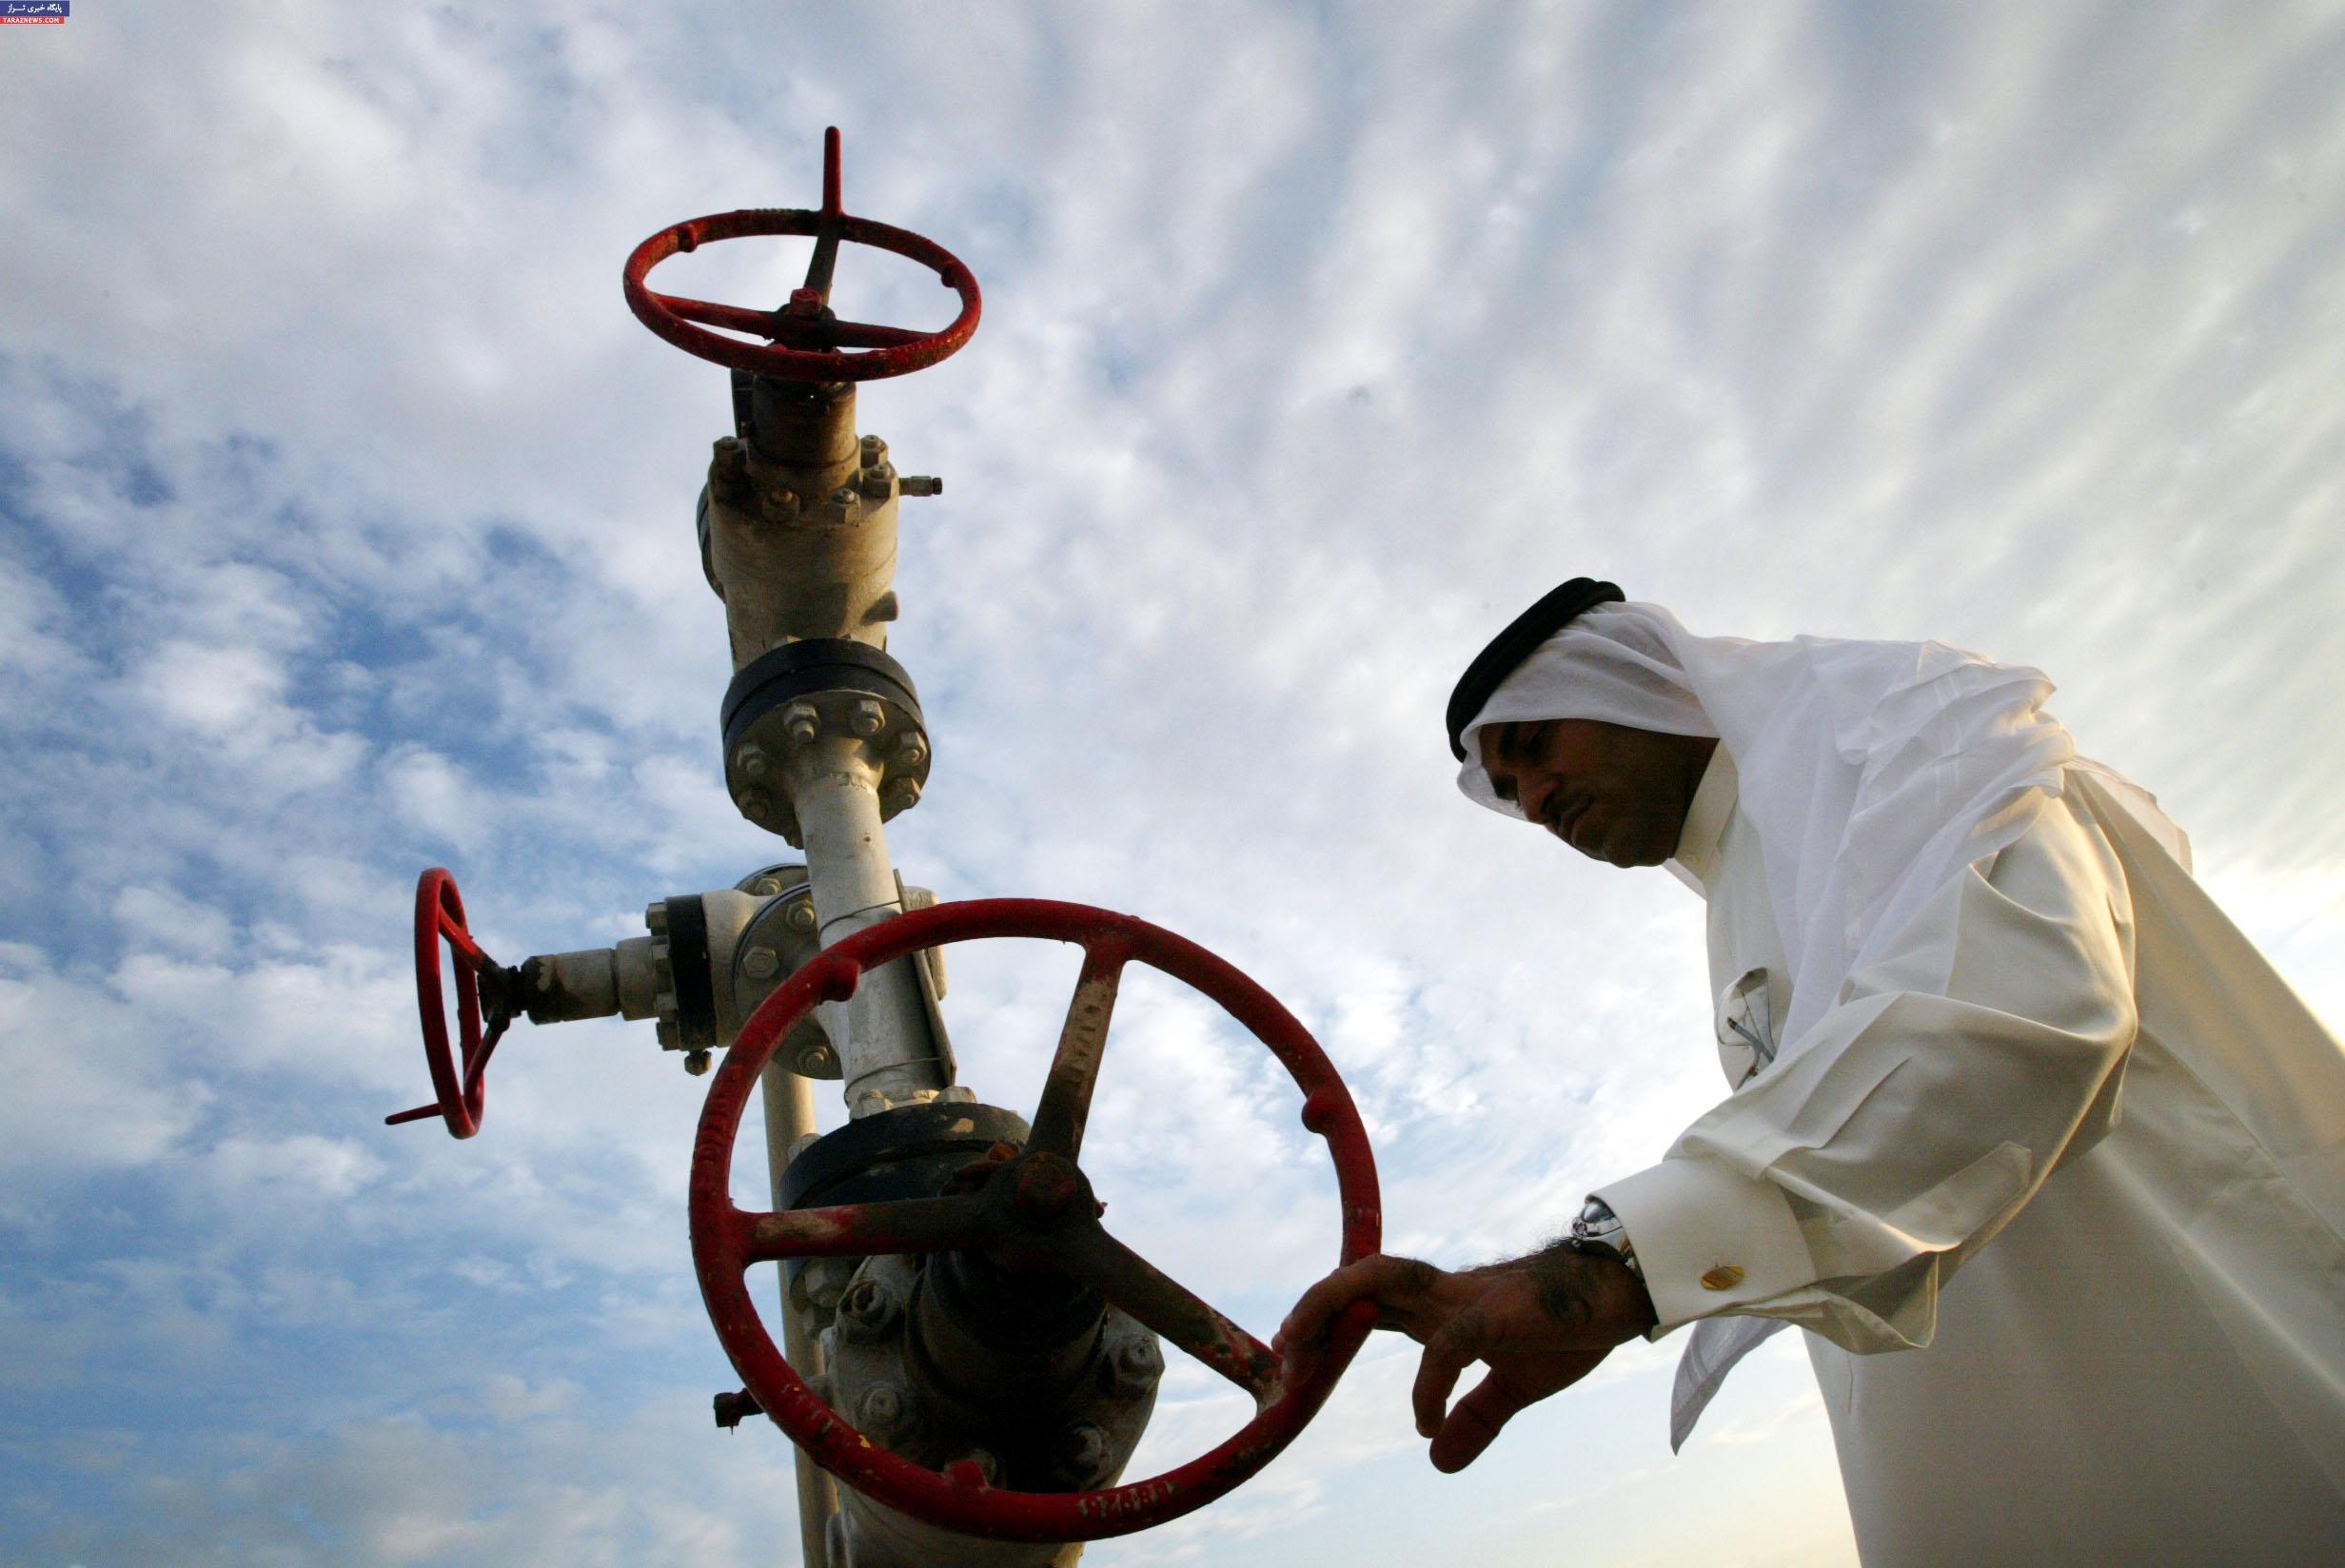 سعودیها قربانی اصلی توطئه چینی خود شدند/شکست عربستان در جنگ نفت